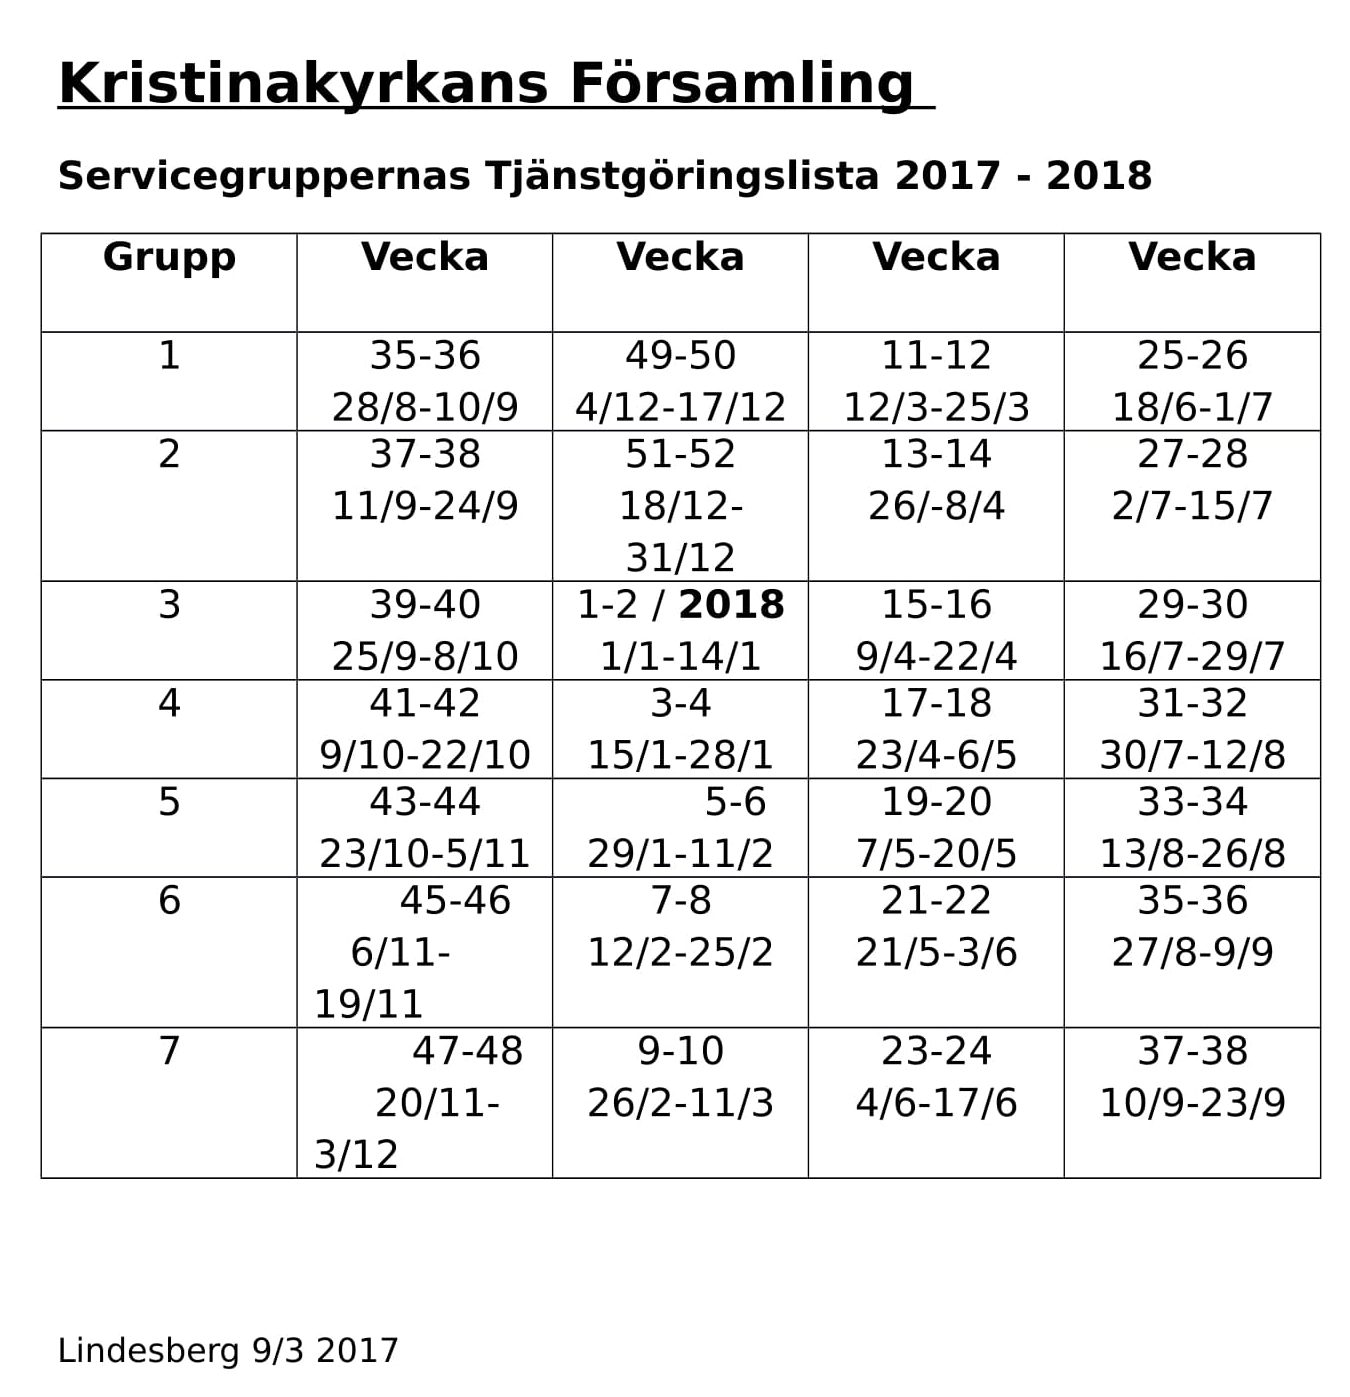 servicegruppernas tjänstgöringslista 2017-2018-1